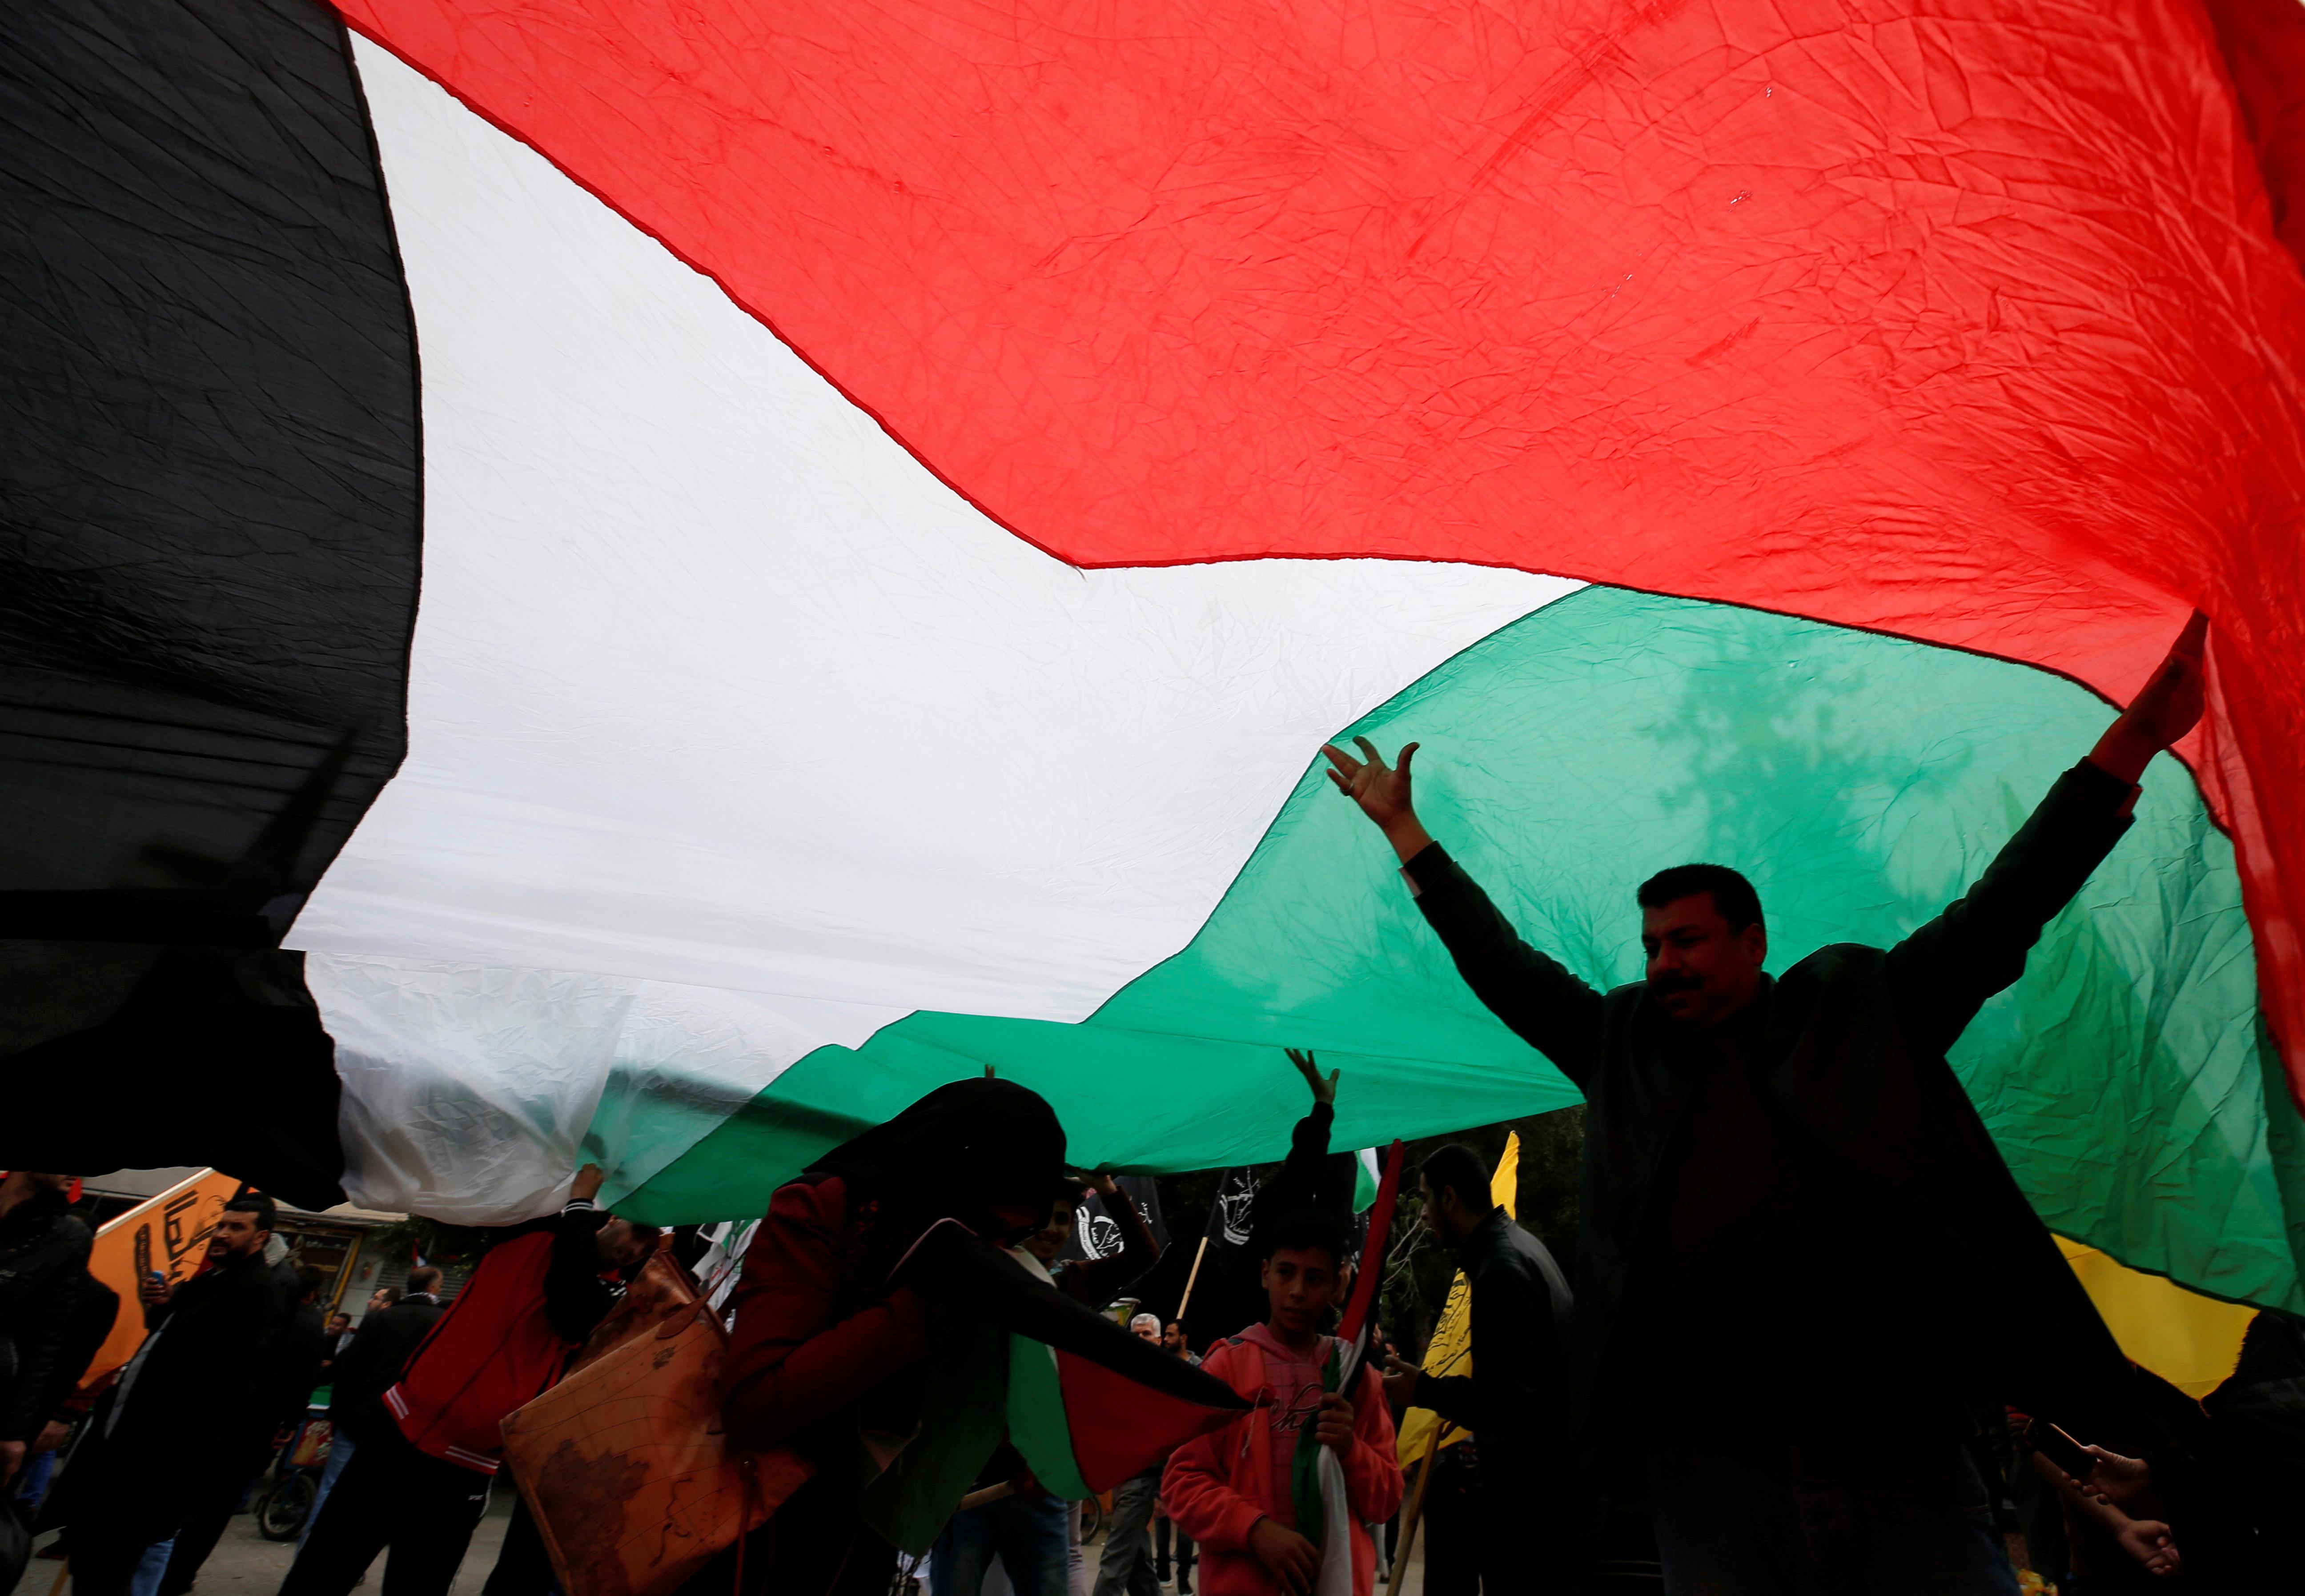 ΓΣ του ΟΗΕ: Καταδίκη του Ισραήλ για αλόγιστη χρήση βίας σε βάρος Παλαιστινίων και απόρριψη του αιτήματος...